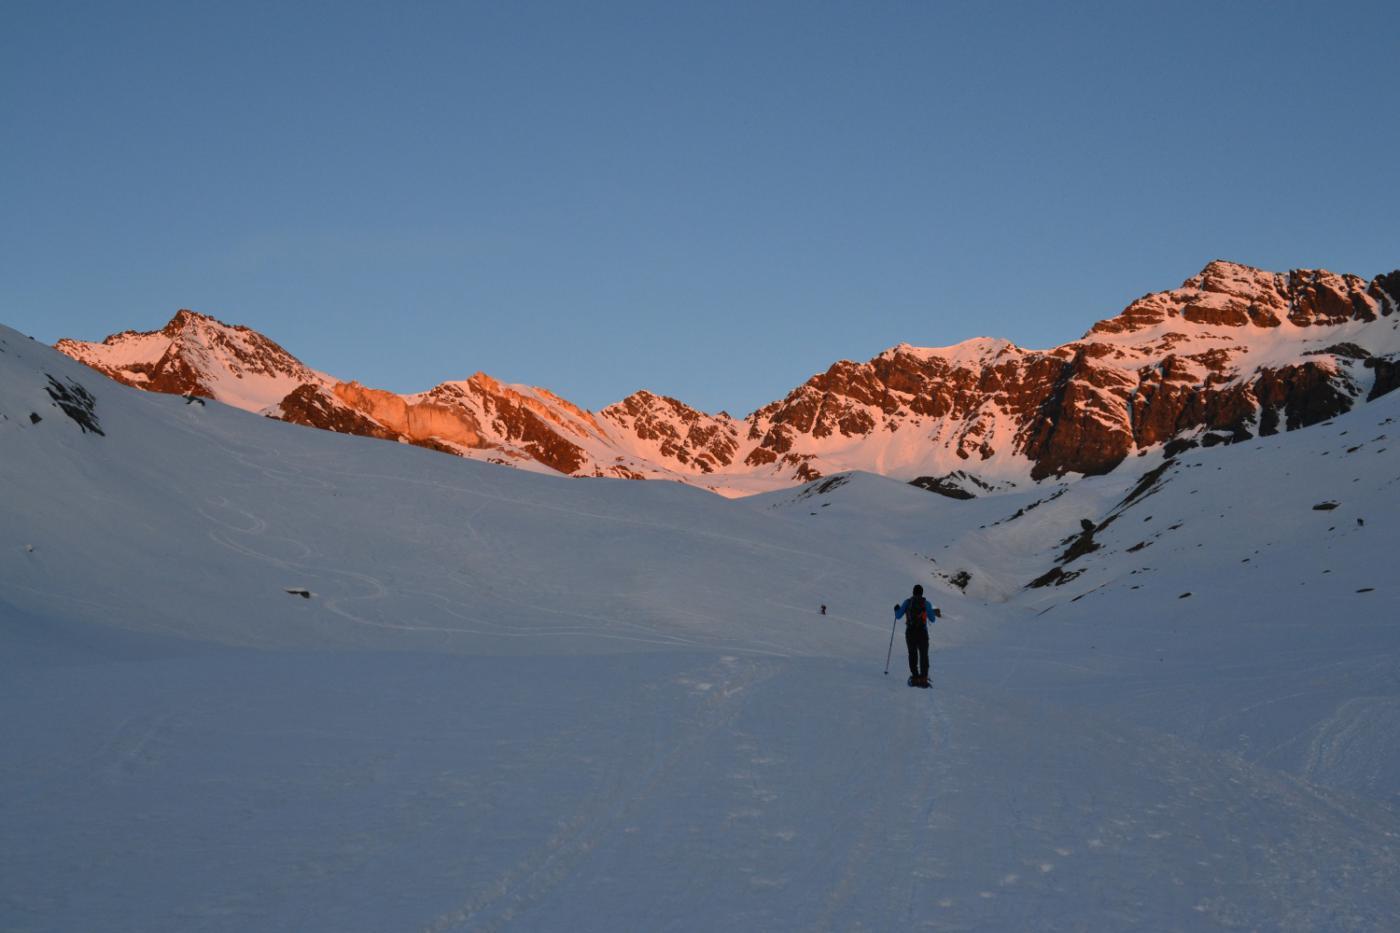 primo sole sulle cime nei pressi del Rifugio Sella